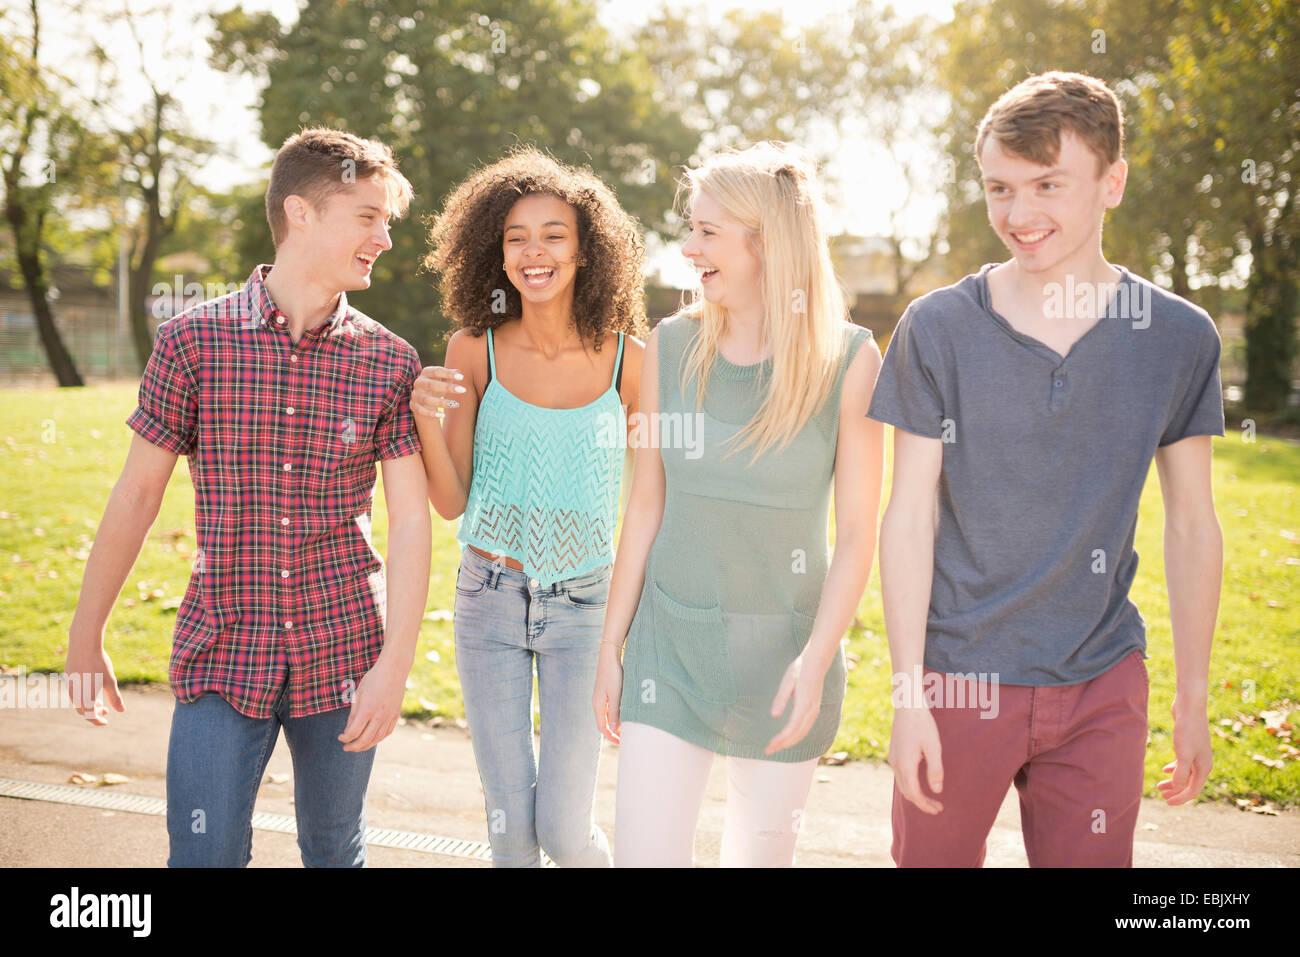 Vier junge Erwachsene Freunde, die einen Spaziergang im park Stockbild